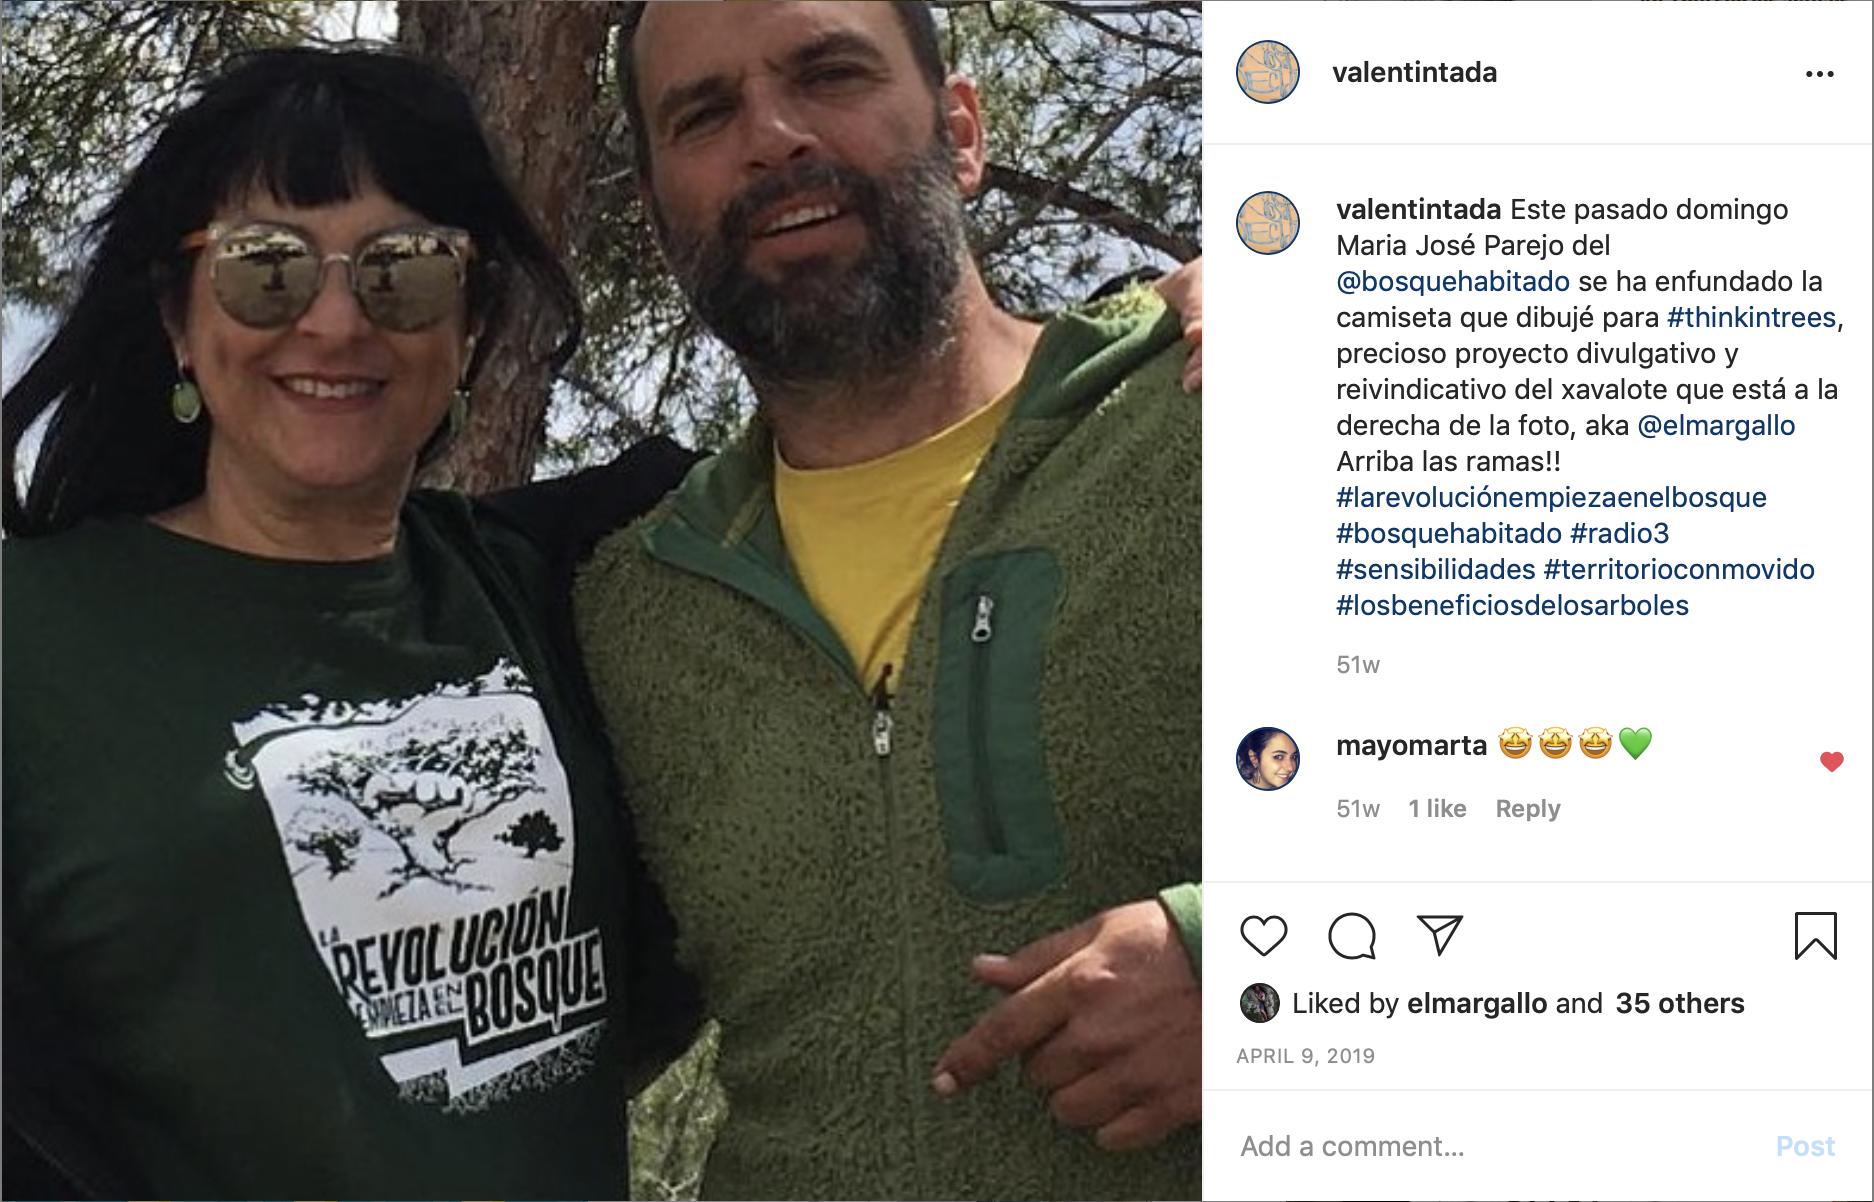 """L'impulsor del projecte Think in trees, l'arborista Àlex Cuadrado, amb la Mª José Parejo, presentadora del programa """"El bosque habitado"""" de Radio3, lluint la samarreta de """"La revolución empieza en el bosque"""""""